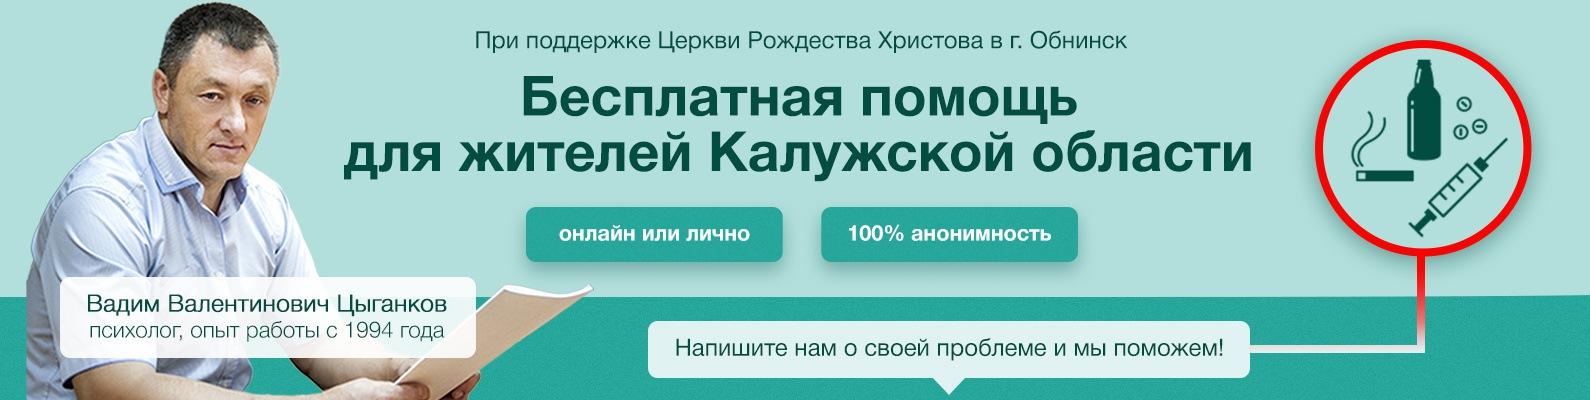 Бесплатный помощь при алкоголизме в саратове